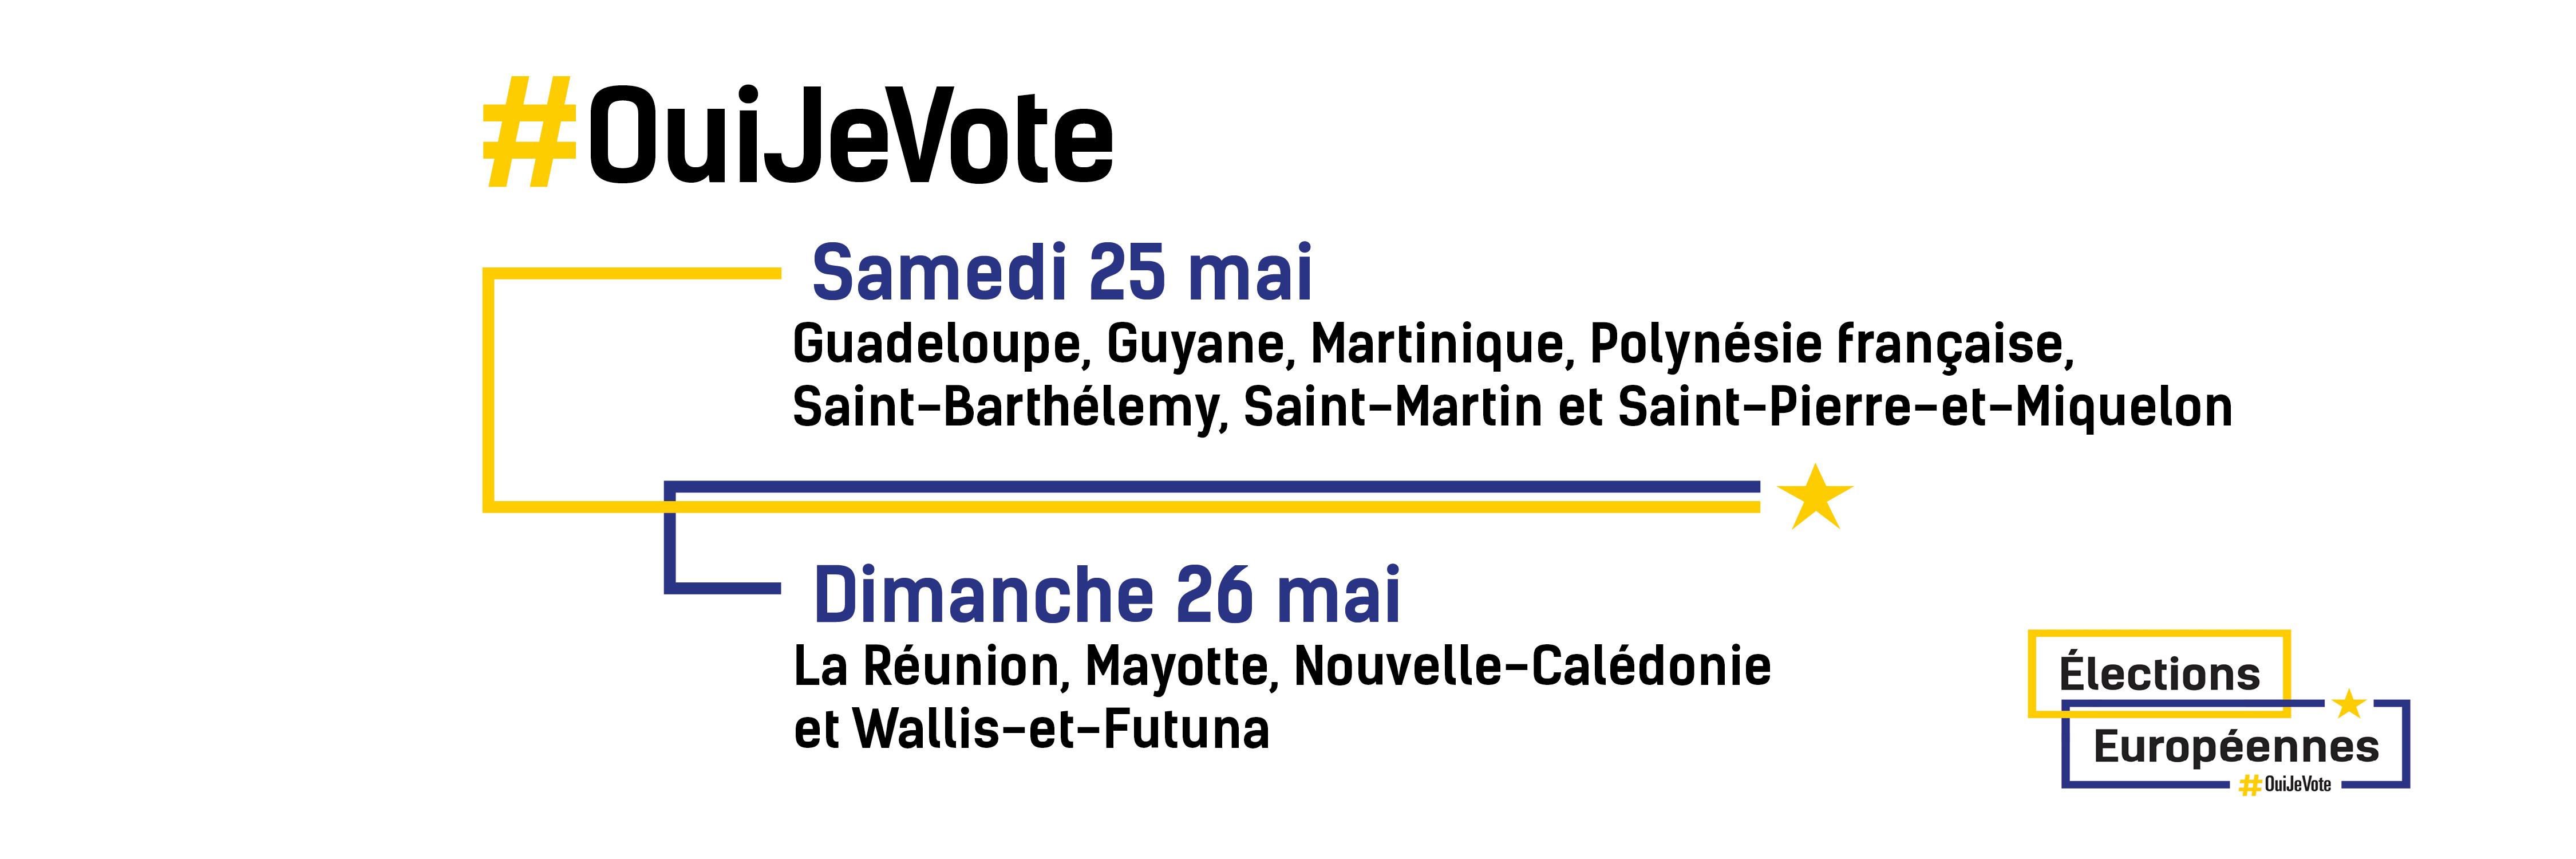 Européennes : La campagne électorale débute lundi